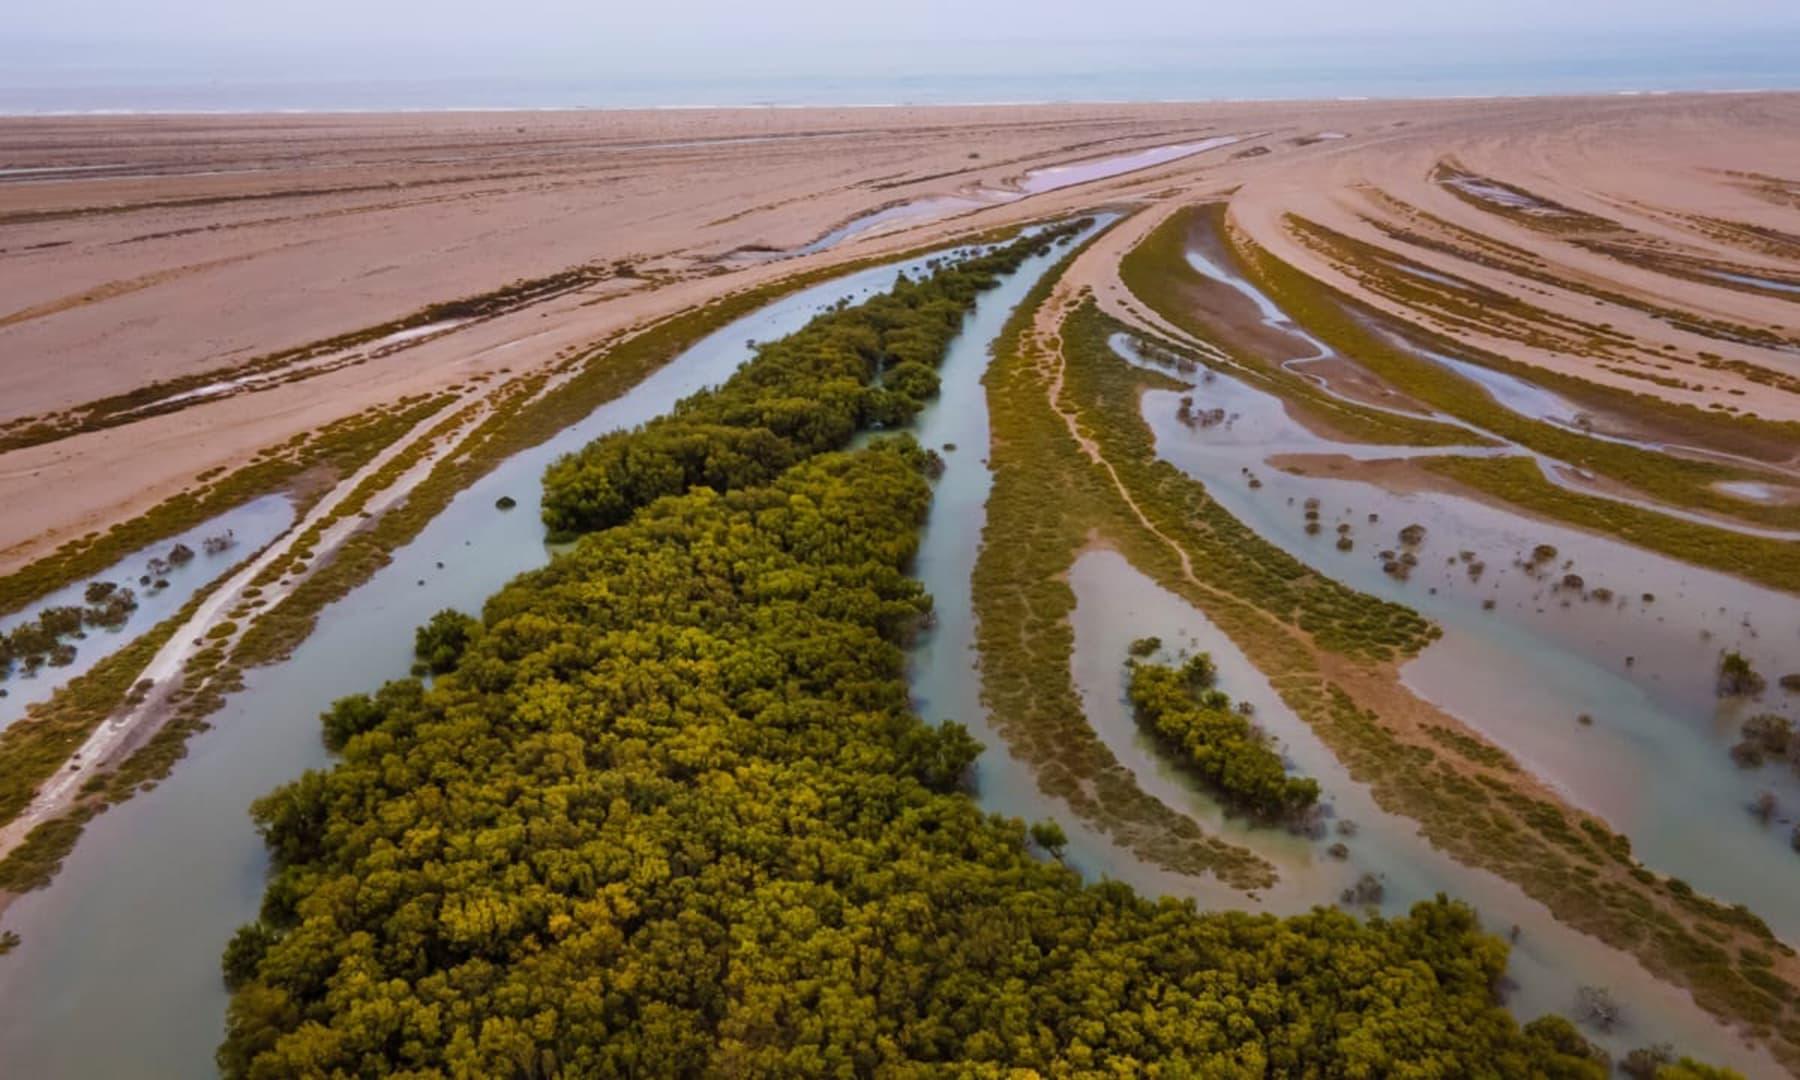 تمر کے جنگلات متعدد جانداروں کی آماجگاہ کی حیثیت رکھتے ہیں—تصویر بشکریہ  الیاس اللہ بخش